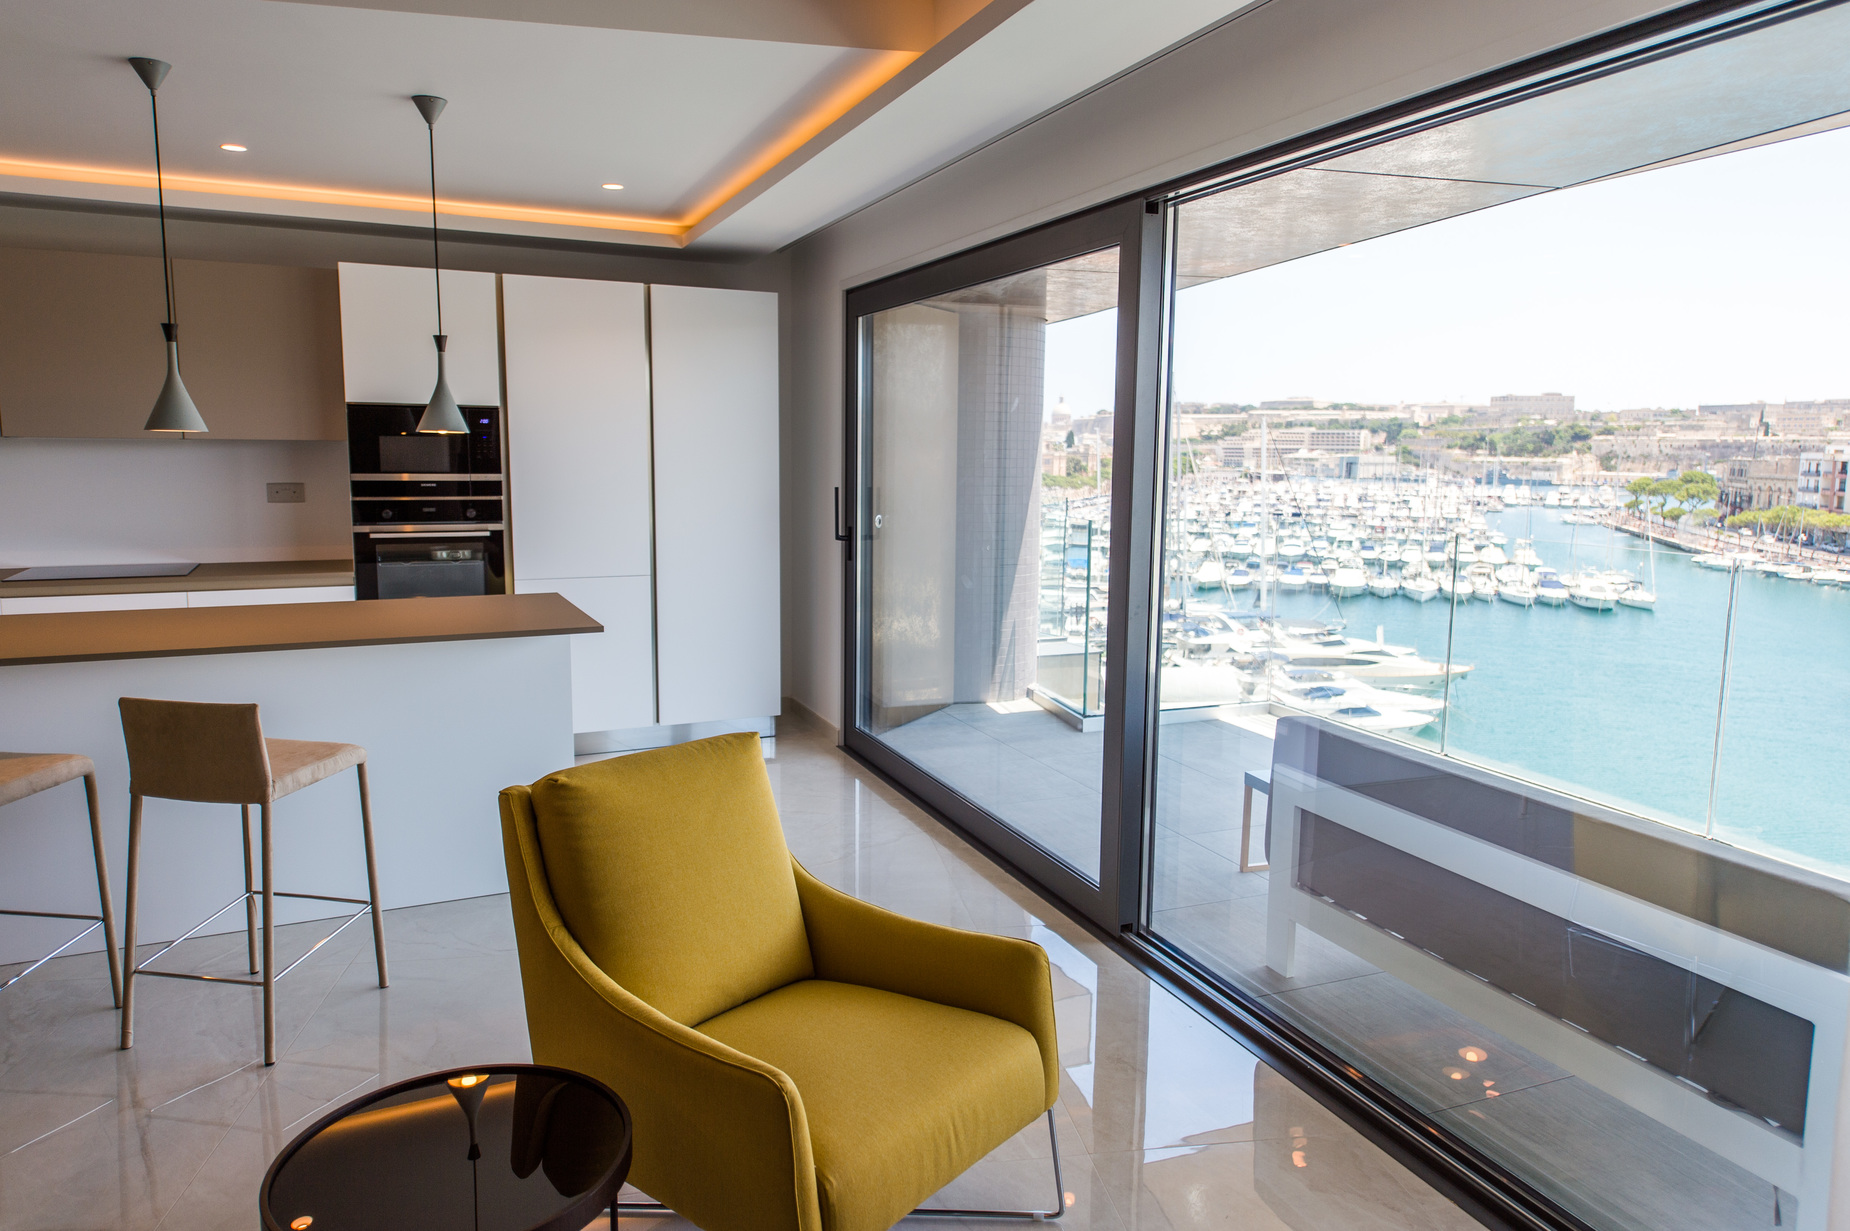 3 bed Apartment For Rent in Ta' Xbiex, Ta' Xbiex - thumb 2